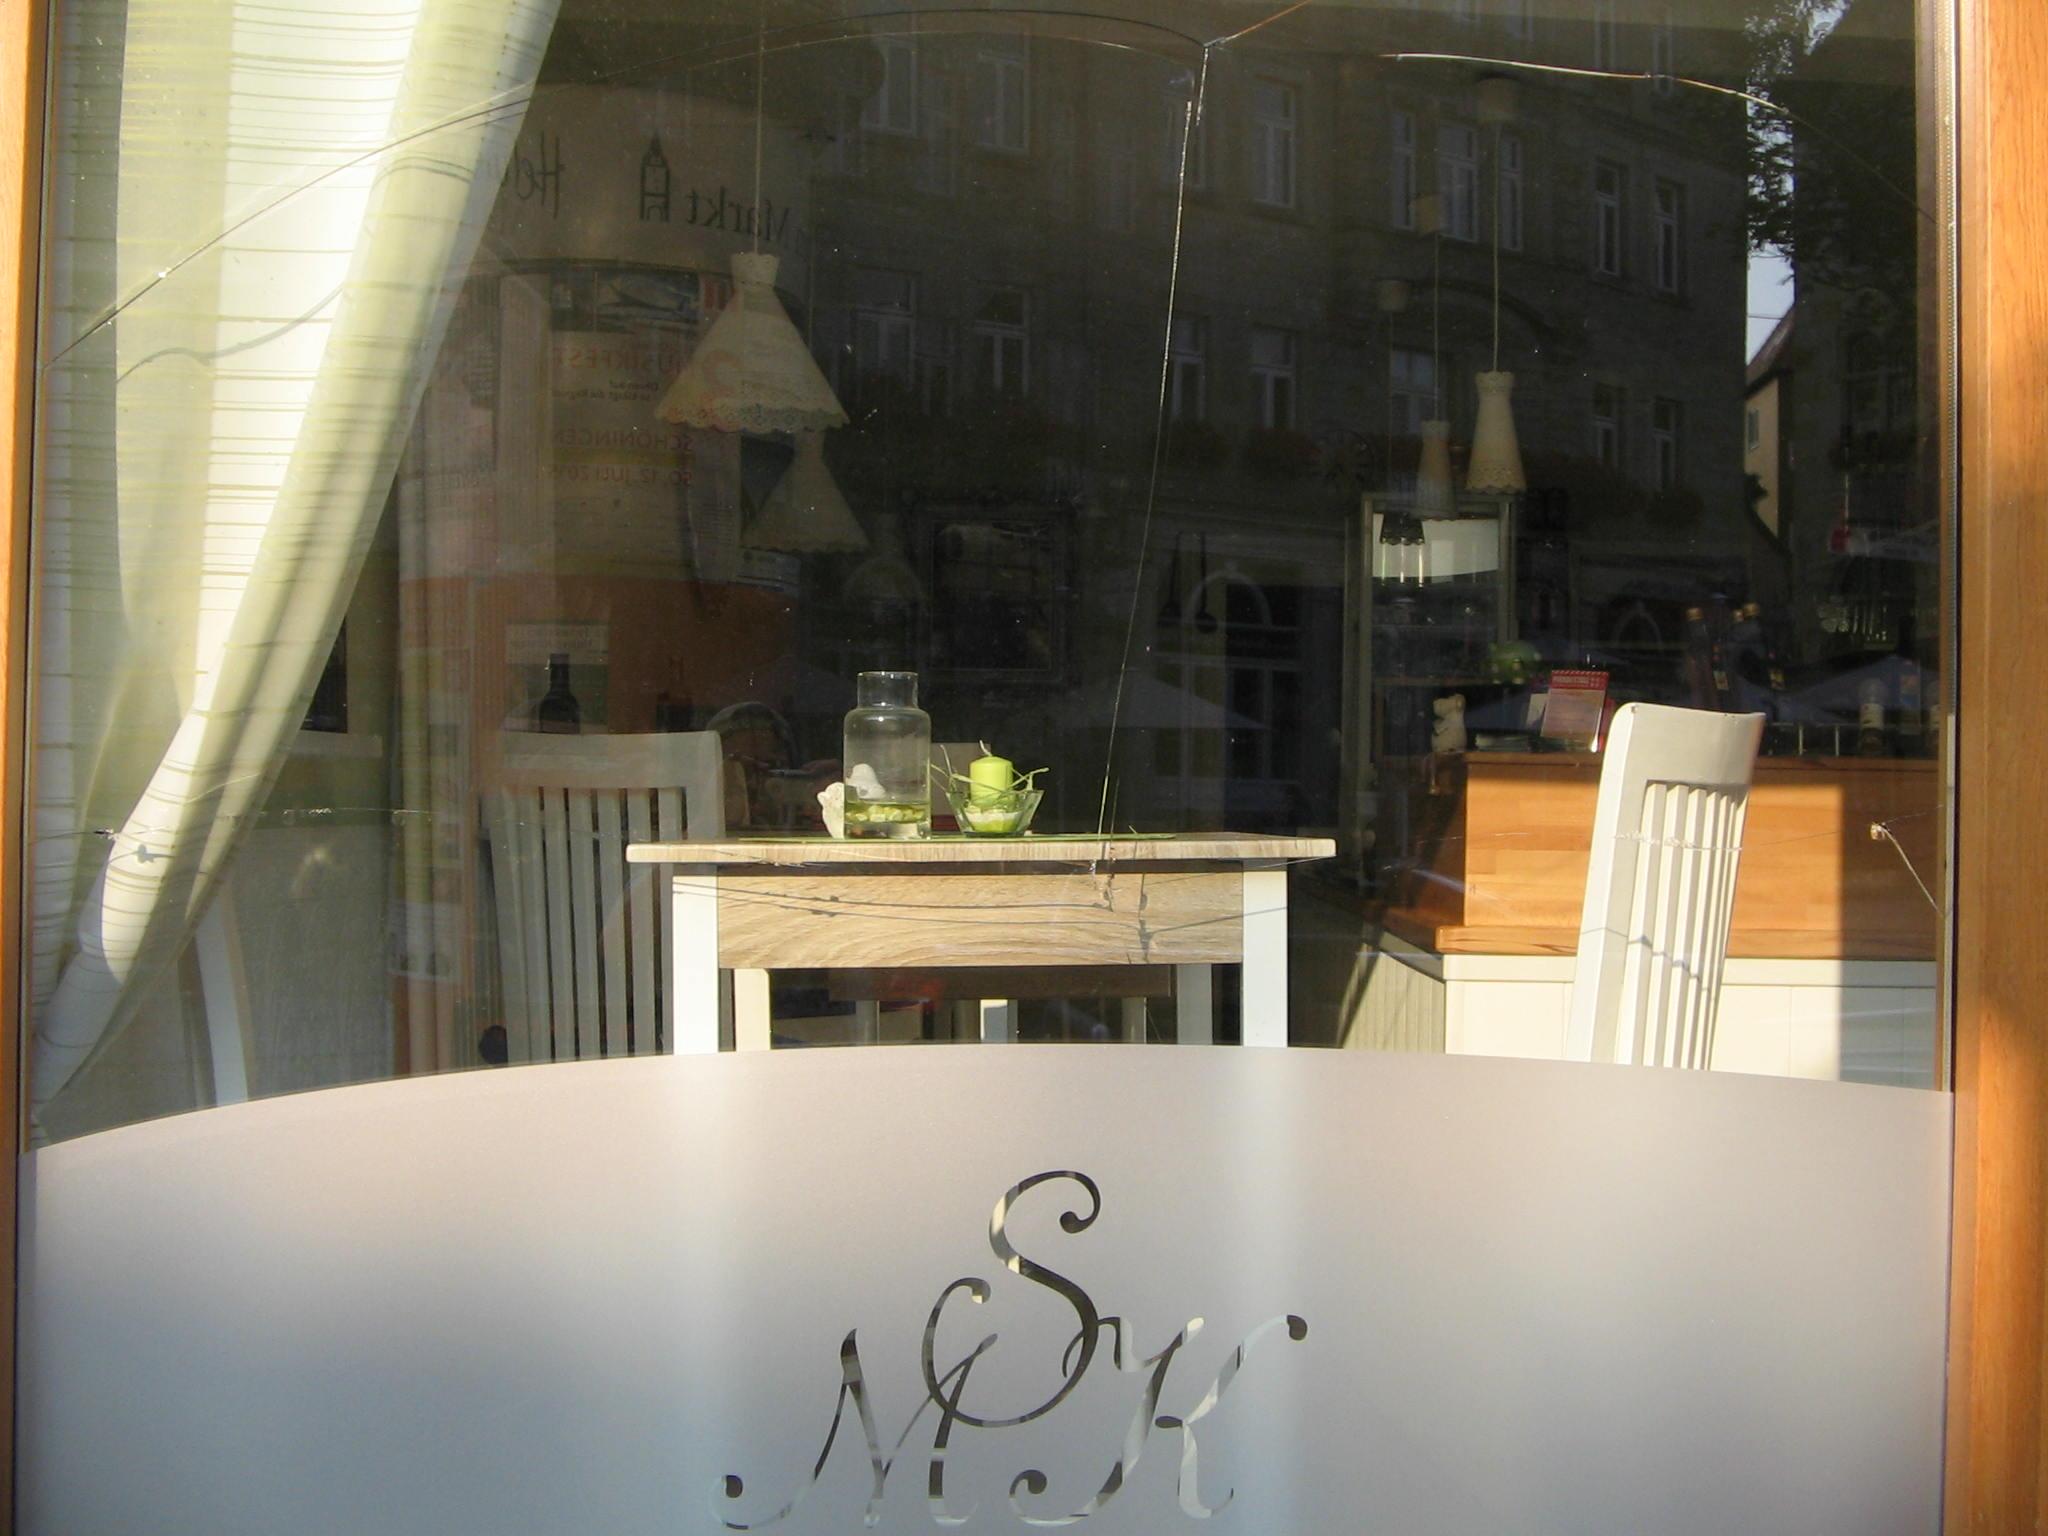 Blick durch Fenster in Restaurant.